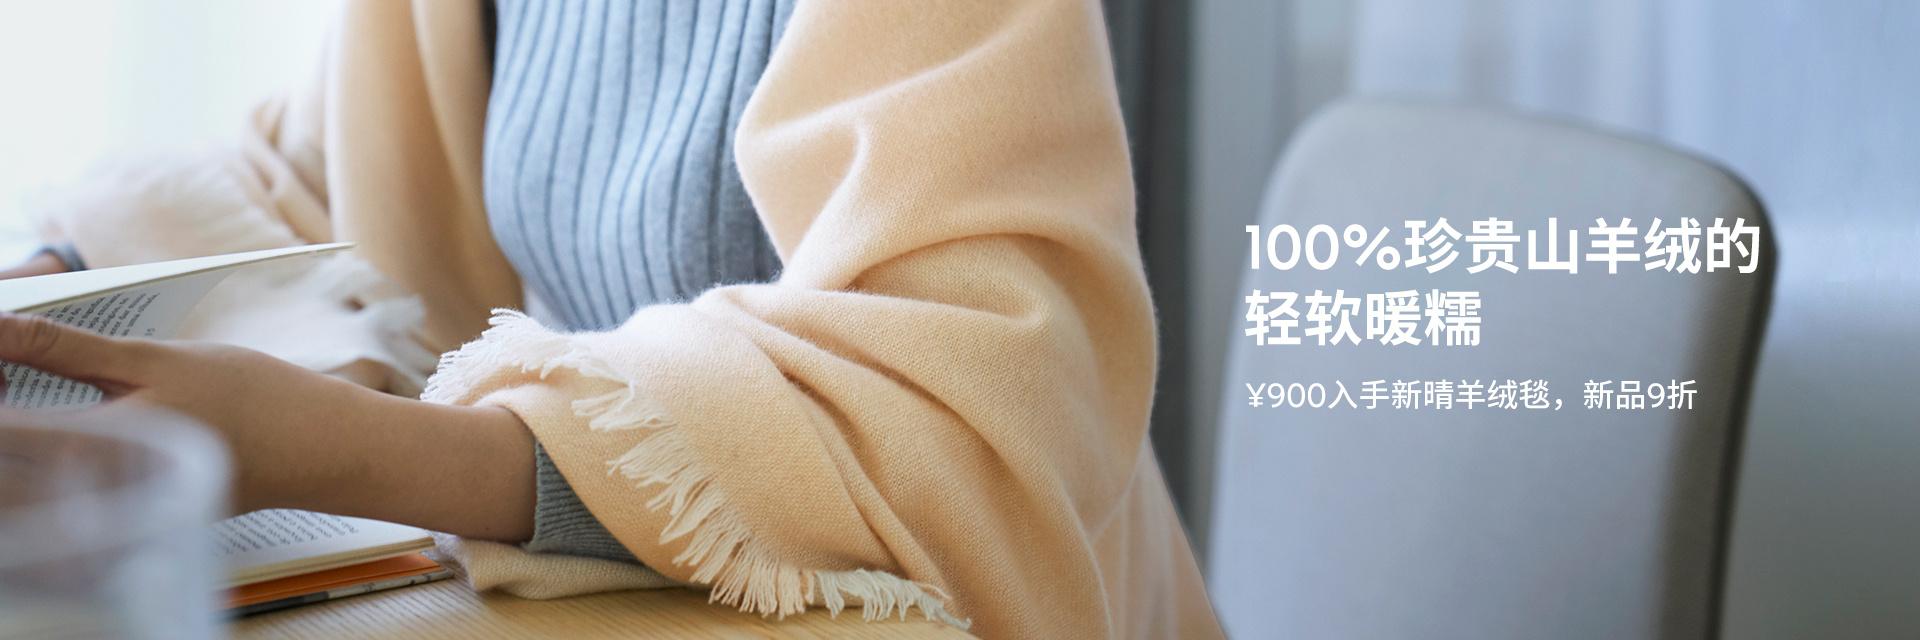 ¥900入手新晴羊绒毯